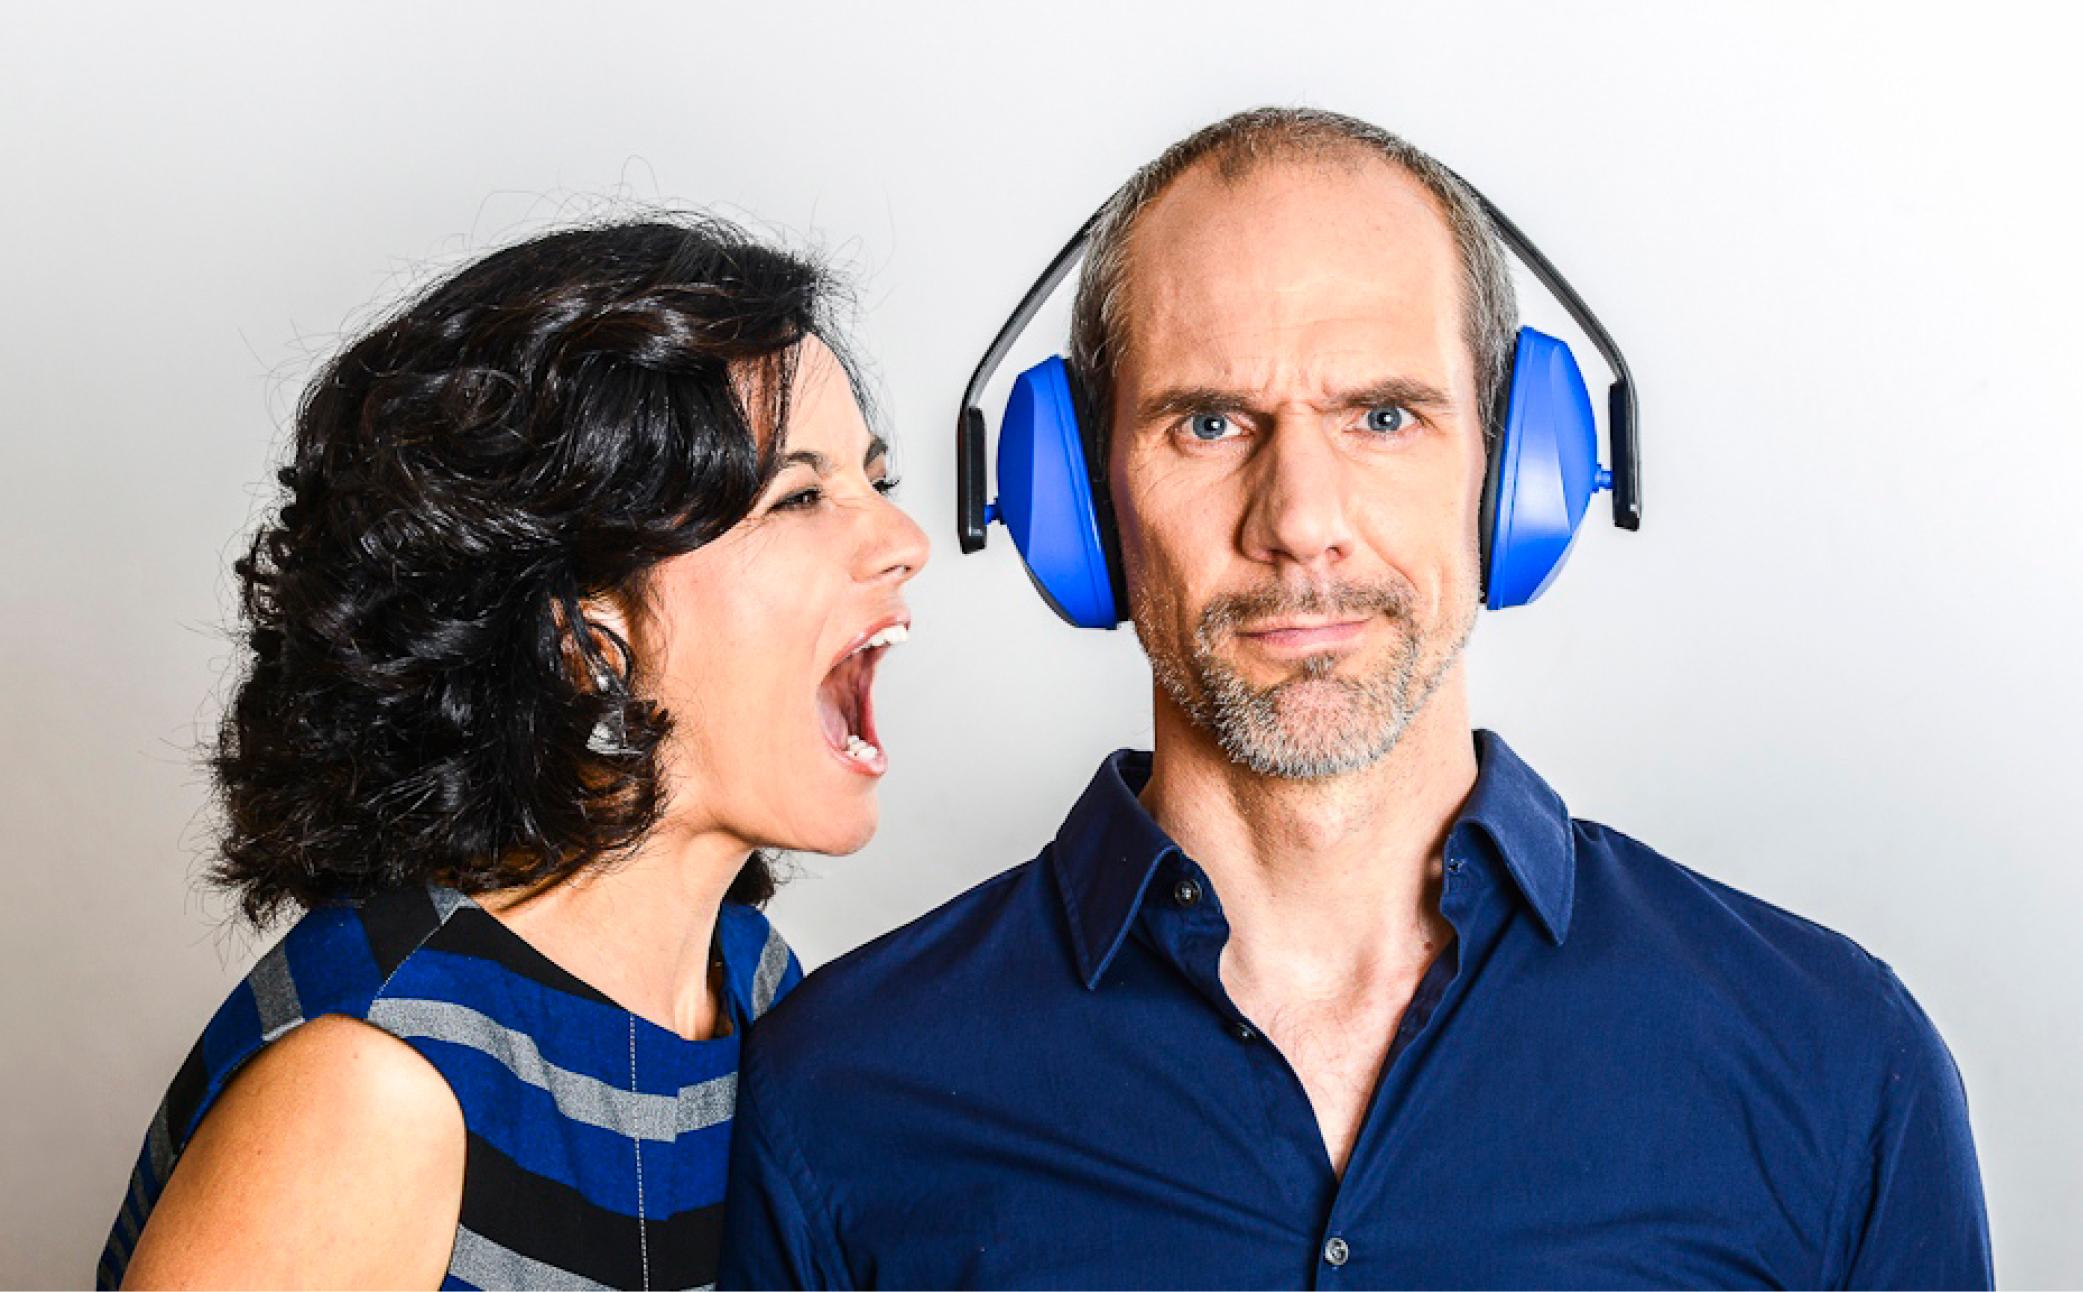 Hier sehen Sie einen Mann mit Kopfhörer und seine Frau - Business Branding - Business Portraits Fotograf Berlin